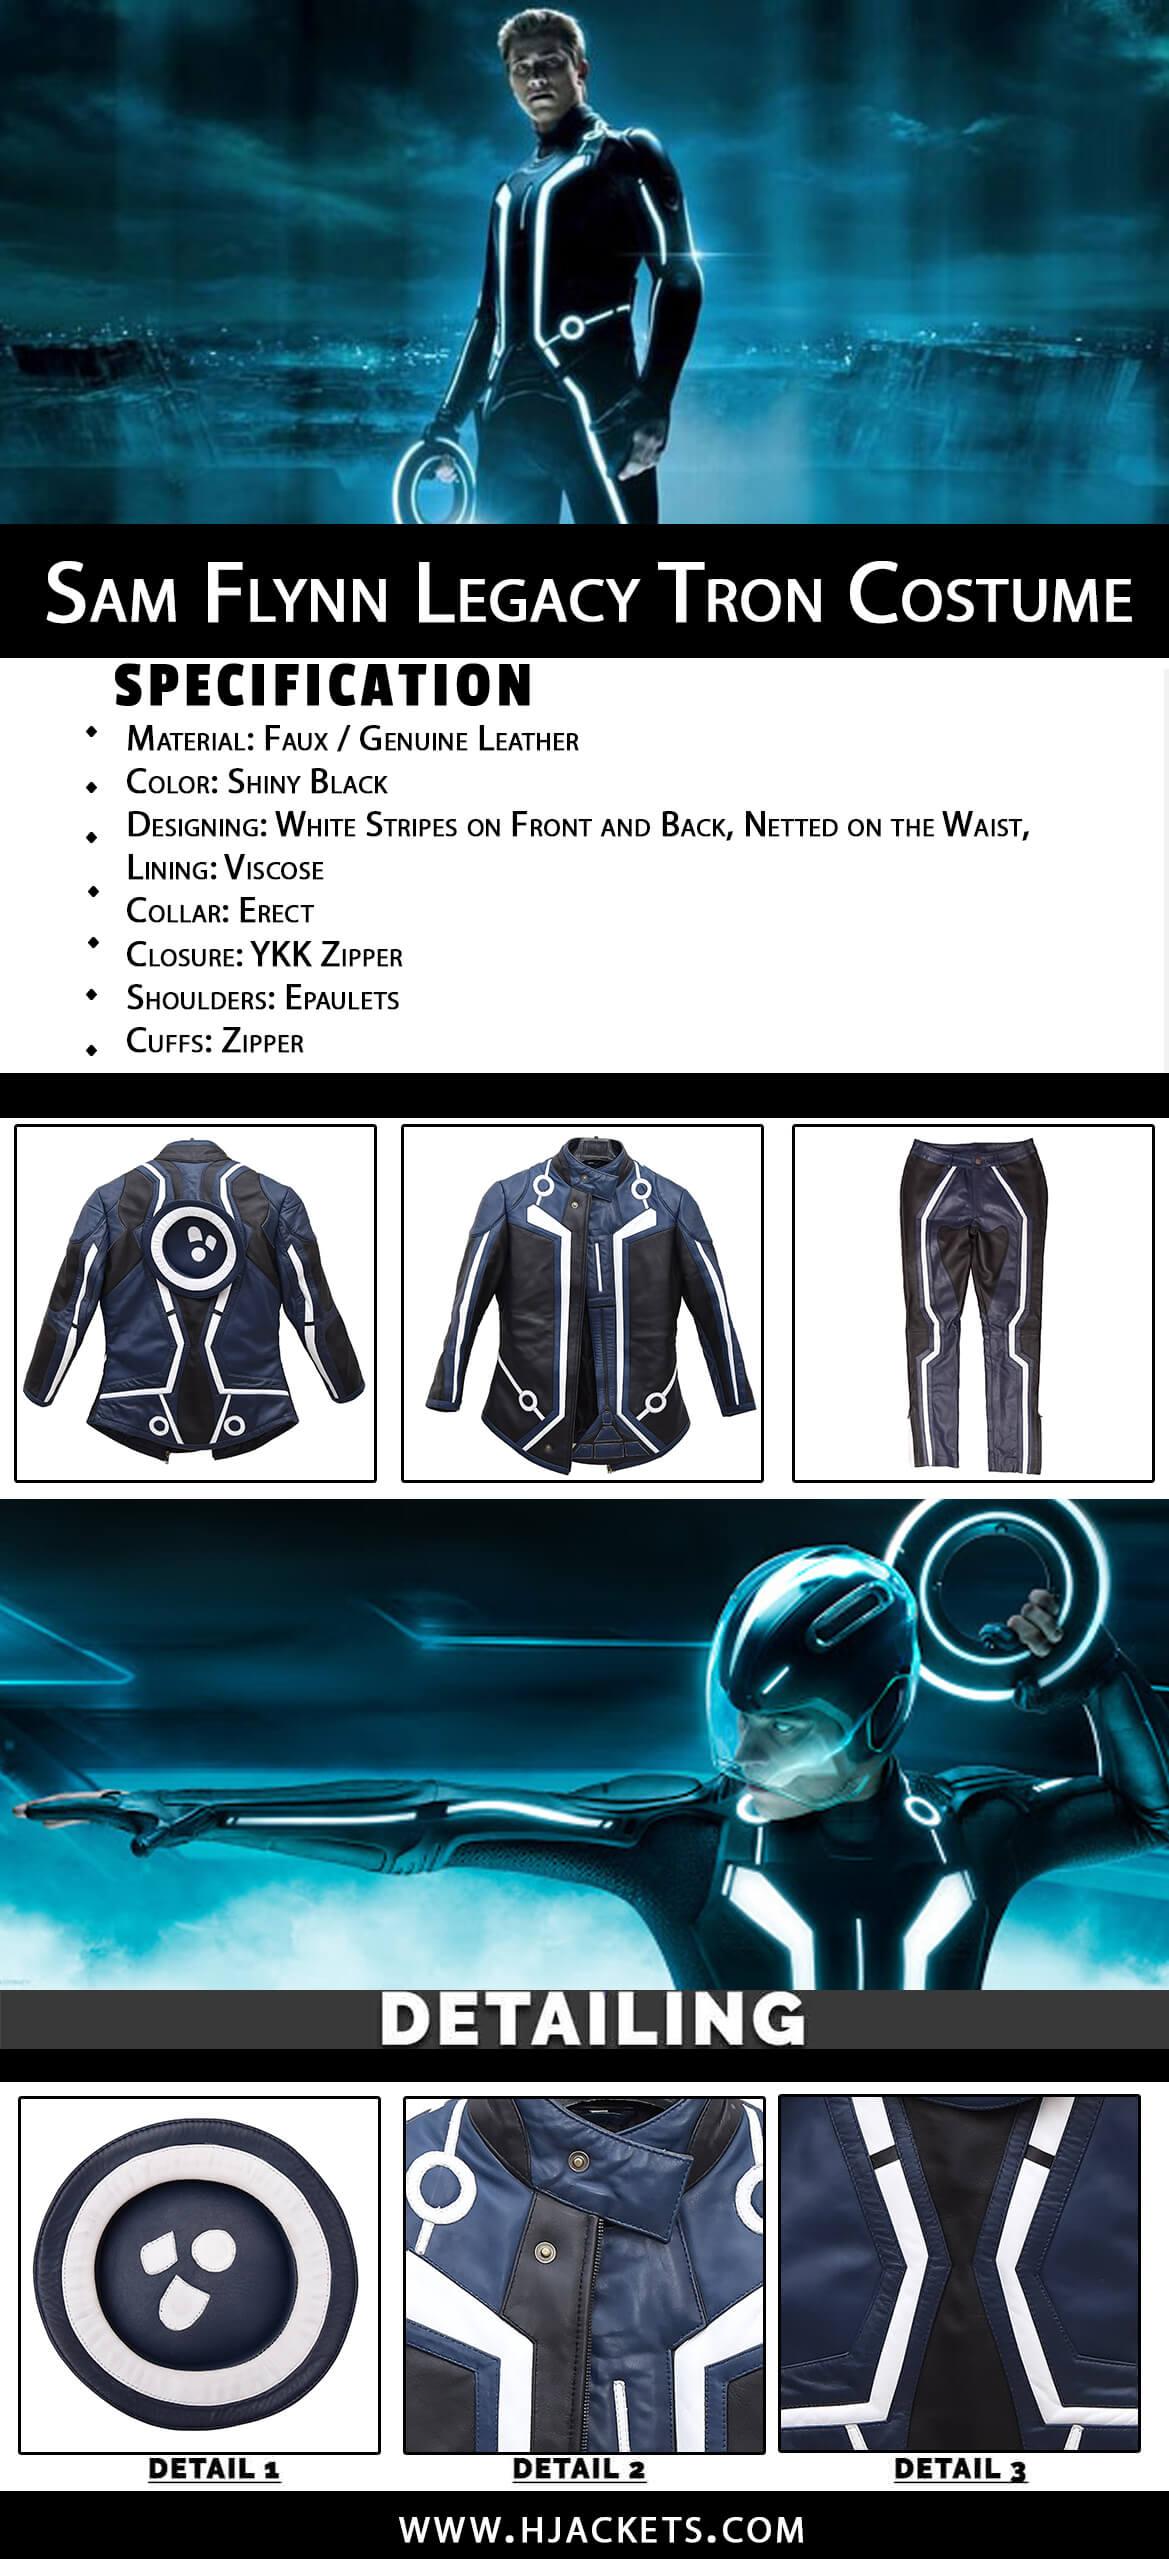 Sam-Flynn-Legacy-Tron-Costume